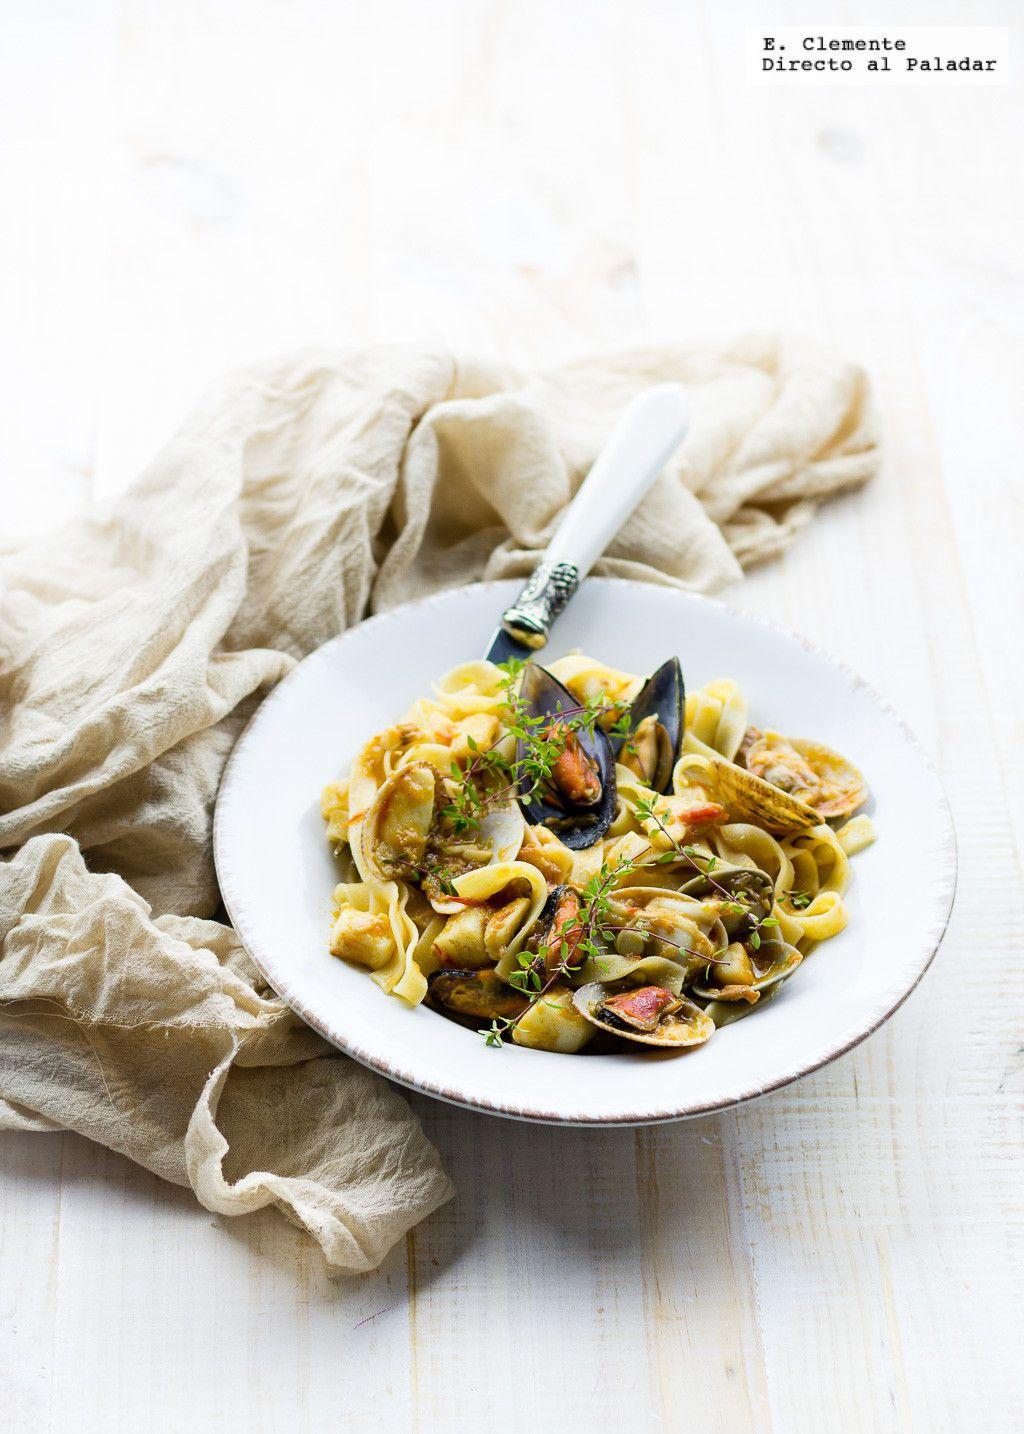 Image Result For Receta Pasta Lasana Casera Sin Huevo